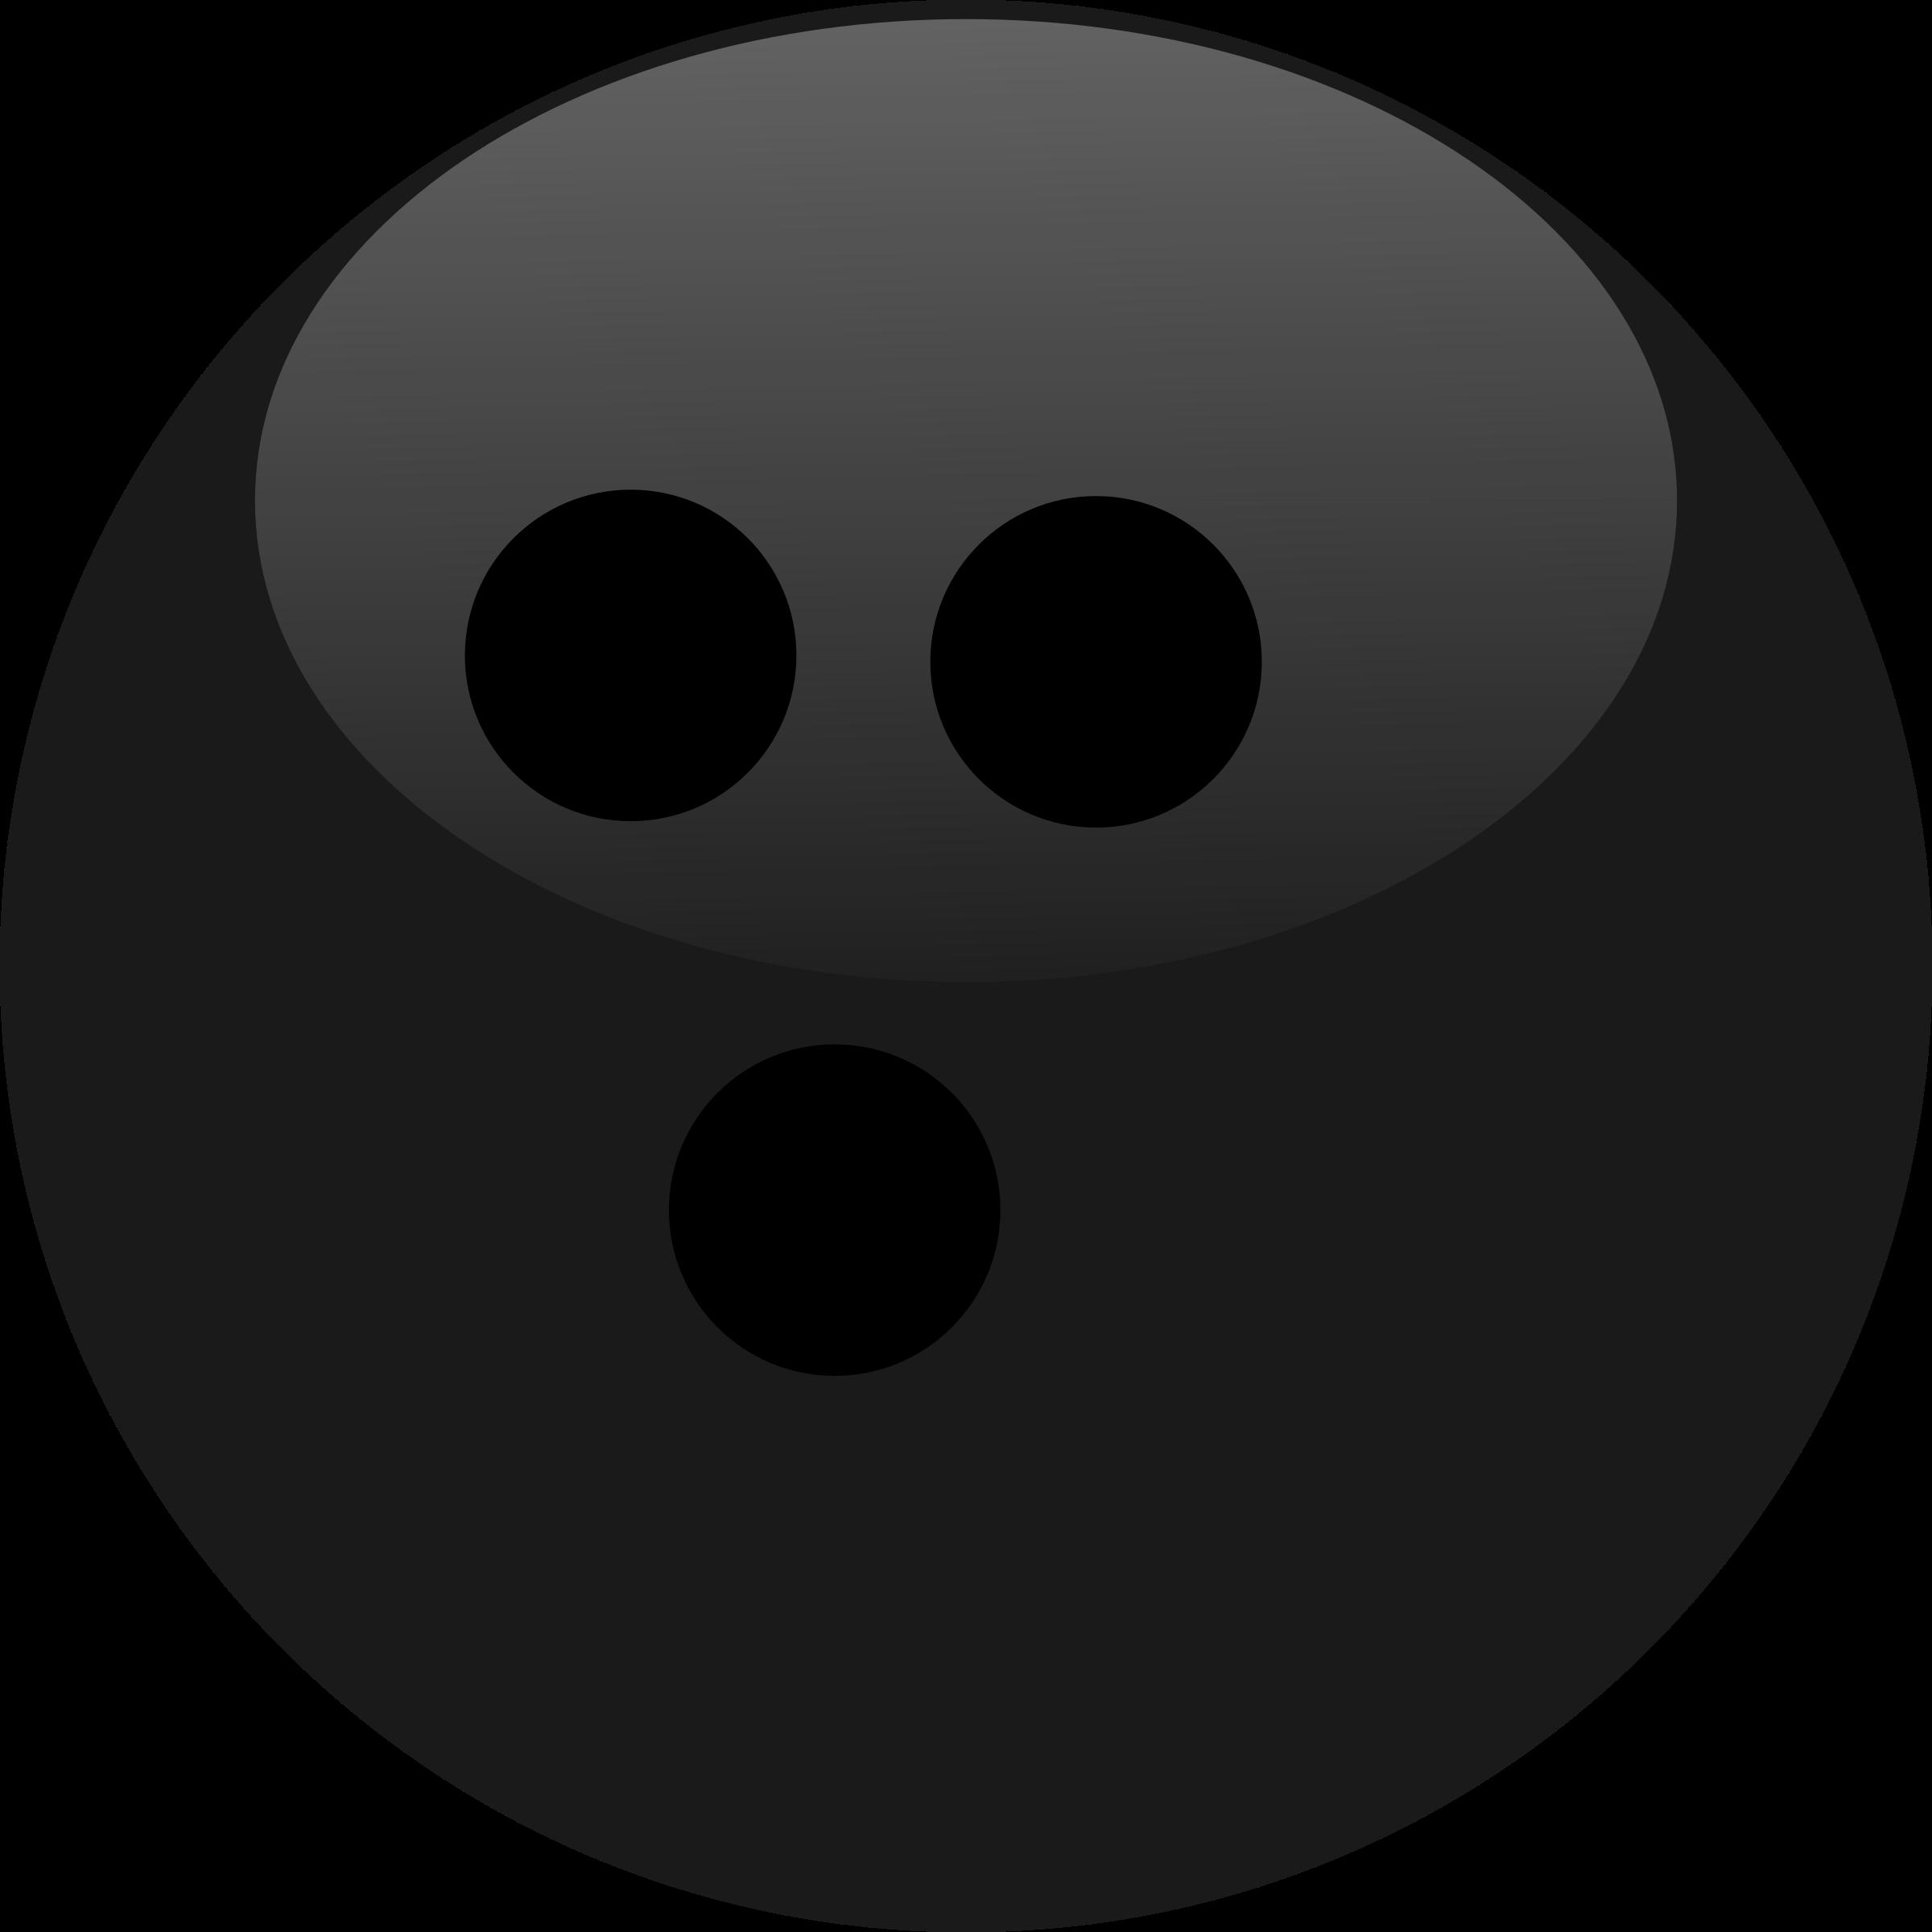 Боулинг шар PNG